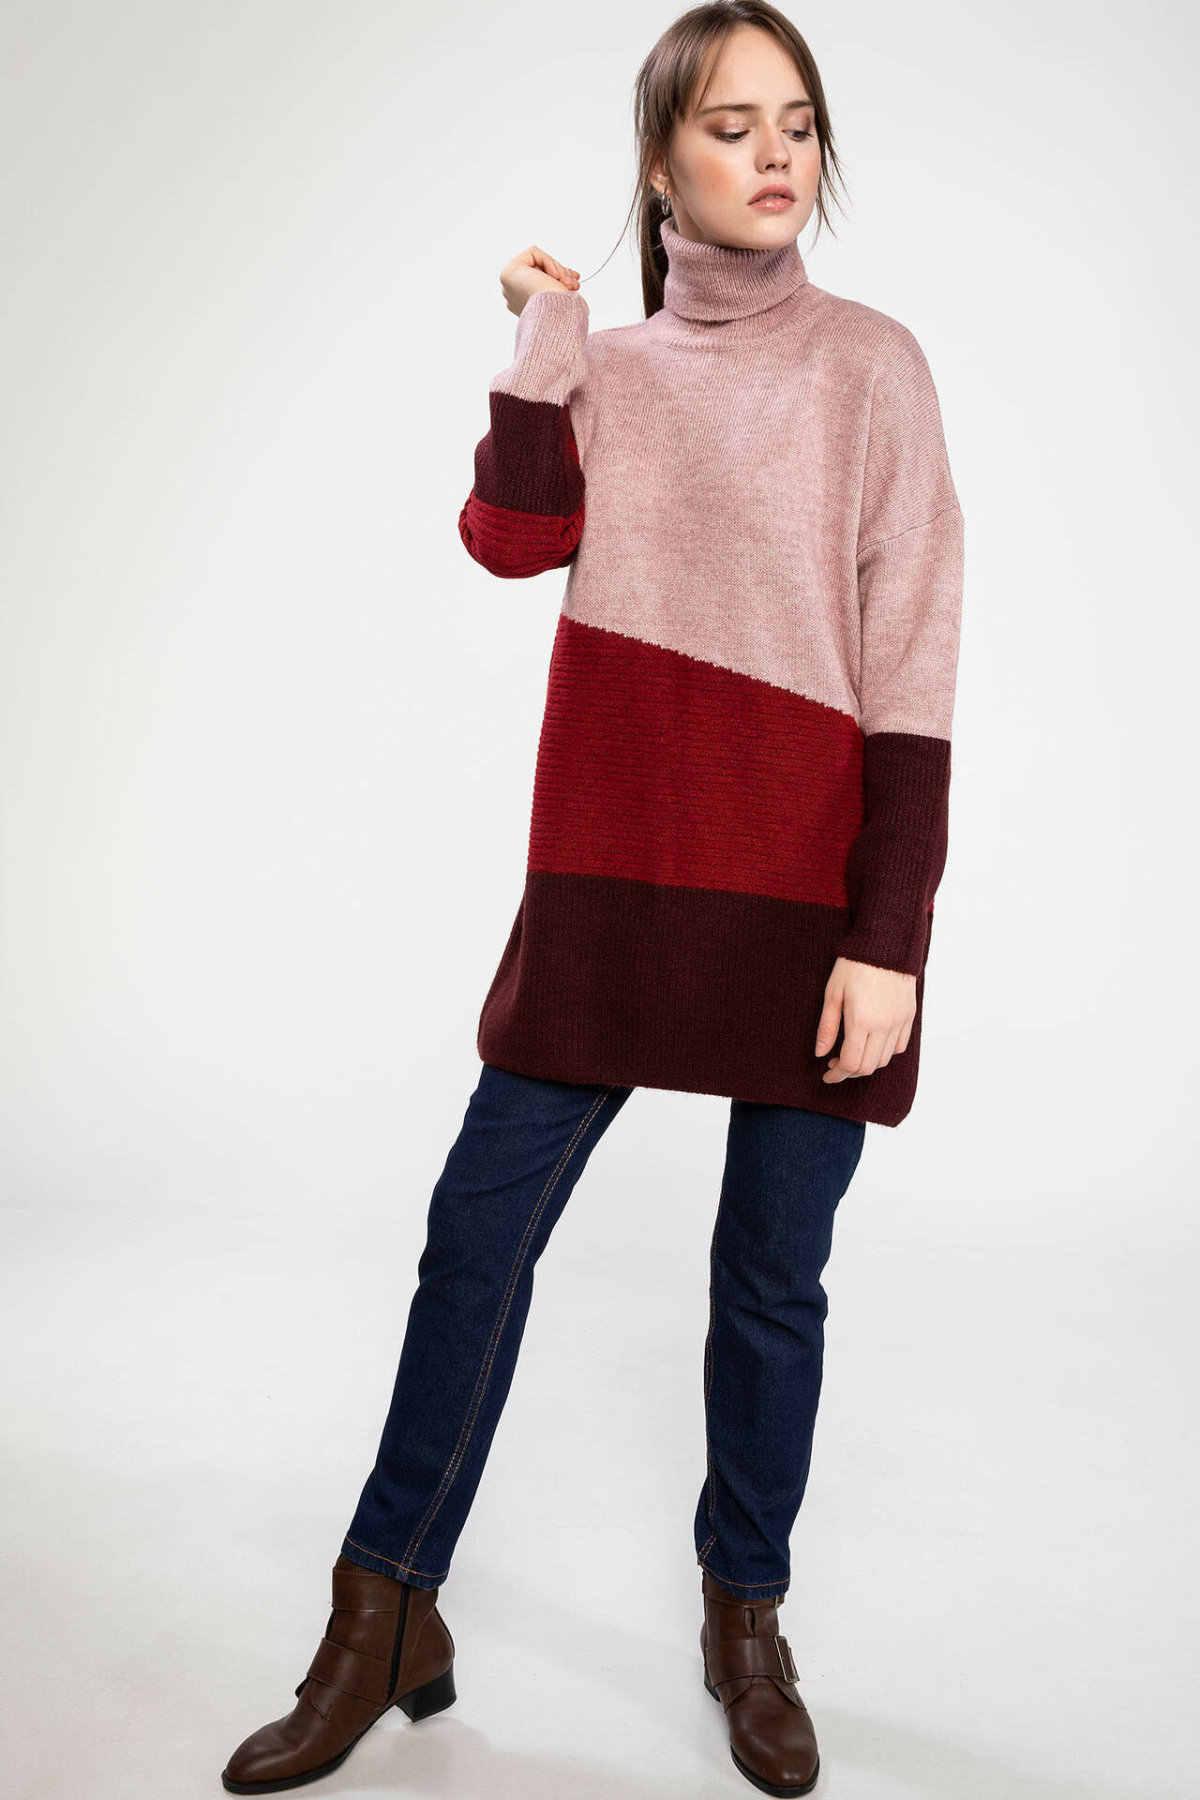 Defacto Wanita Musim Gugur Musim Dingin Tebal Pullover Wanita Turtleneck Merah Bergaris Rajutan Tops Pullover Wanita Panjang Tunic-J2977AZ18WN